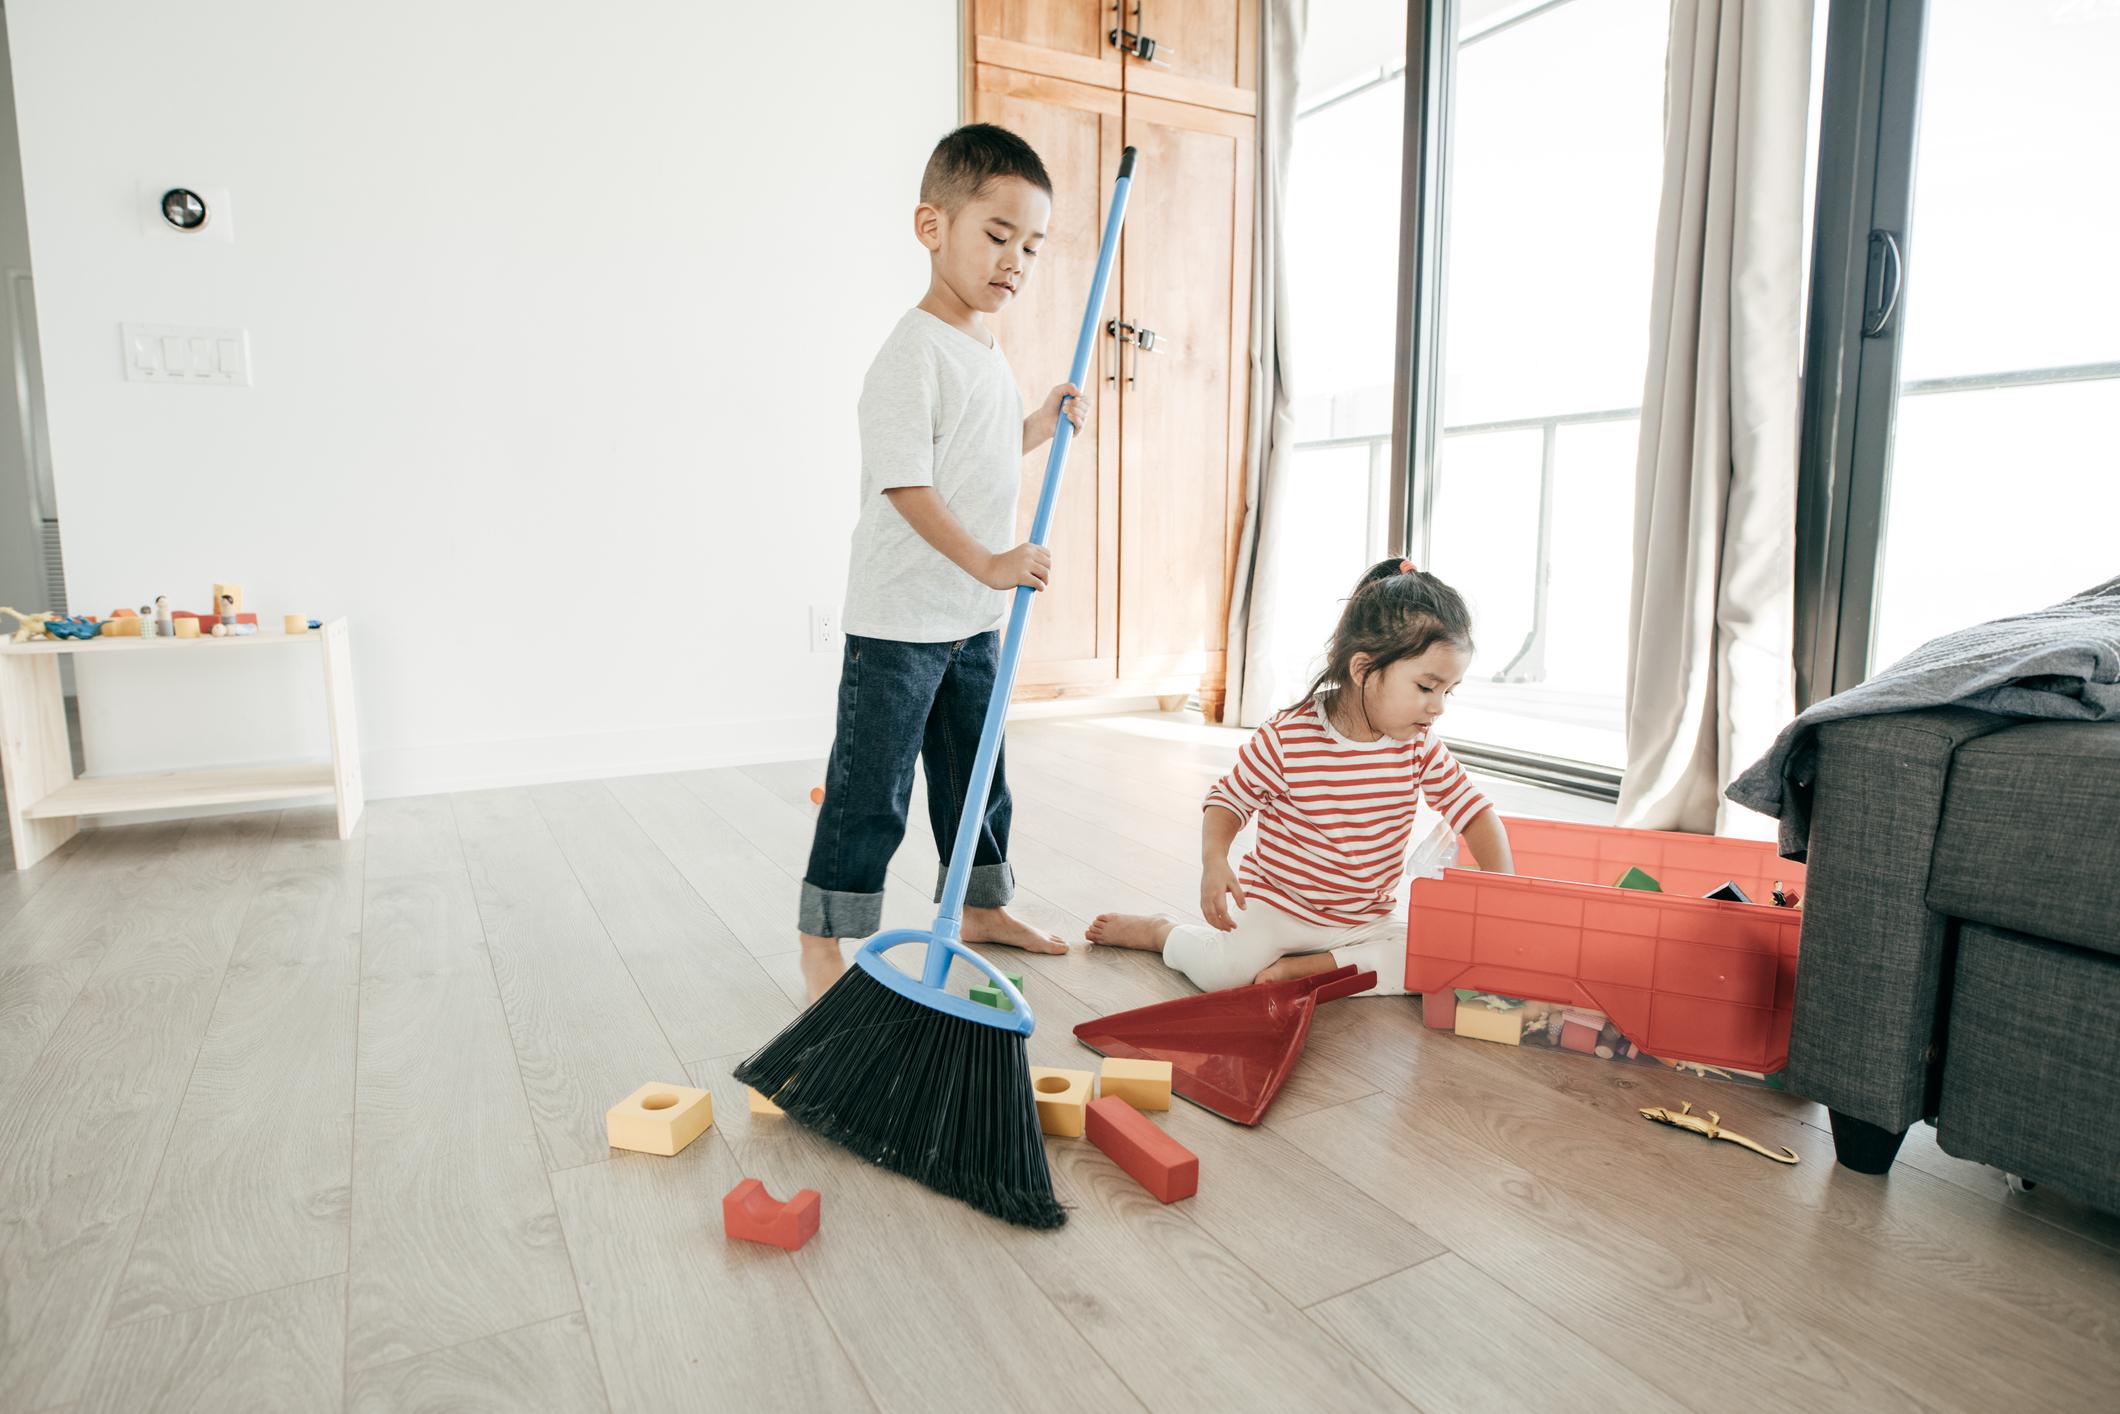 孩子自主整理家事